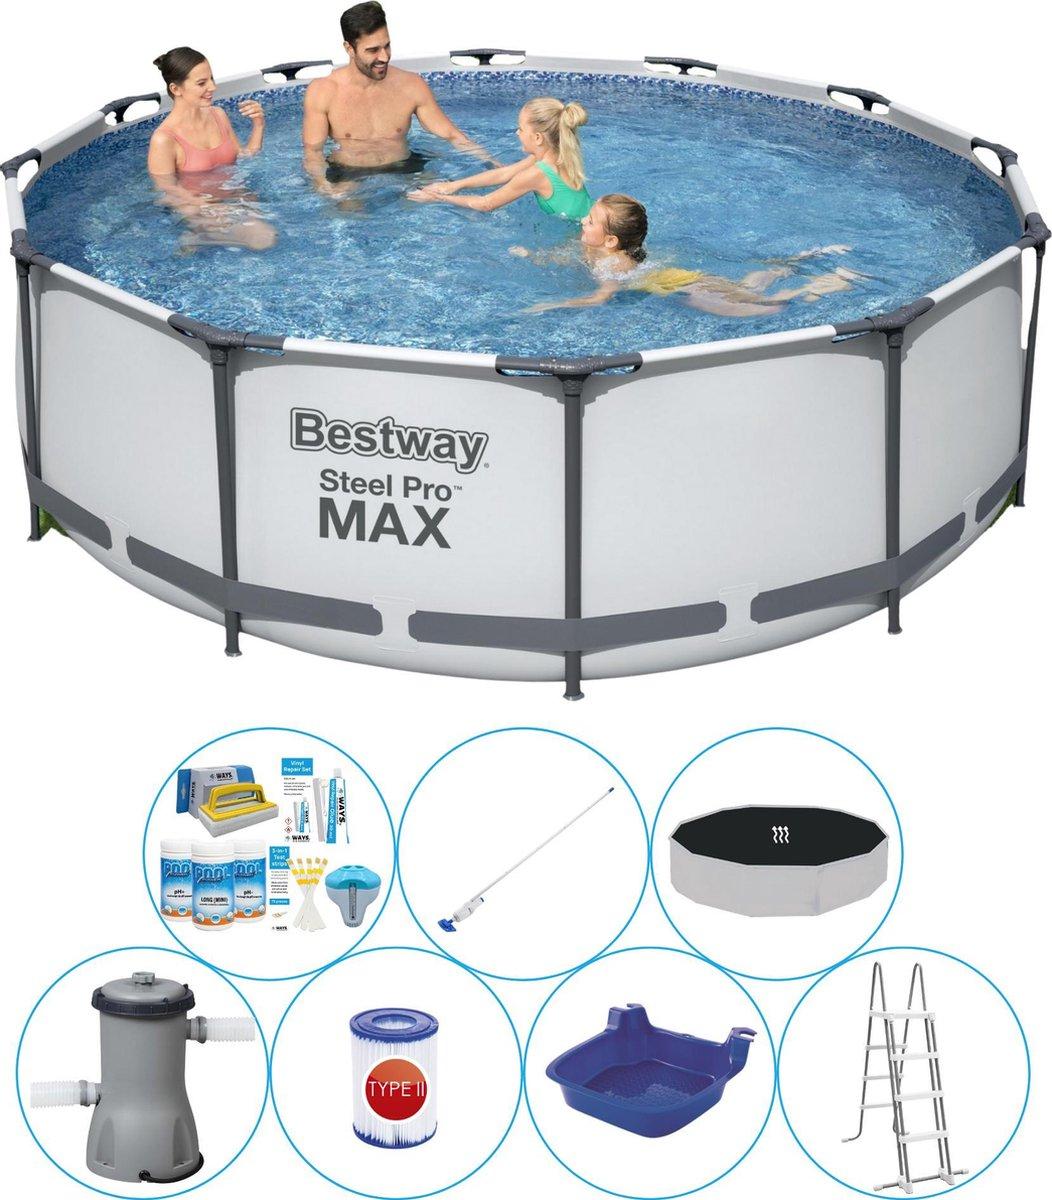 Zwembad Combinatie Deal - Bestway Steel Pro MAX Rond 366x100 cm